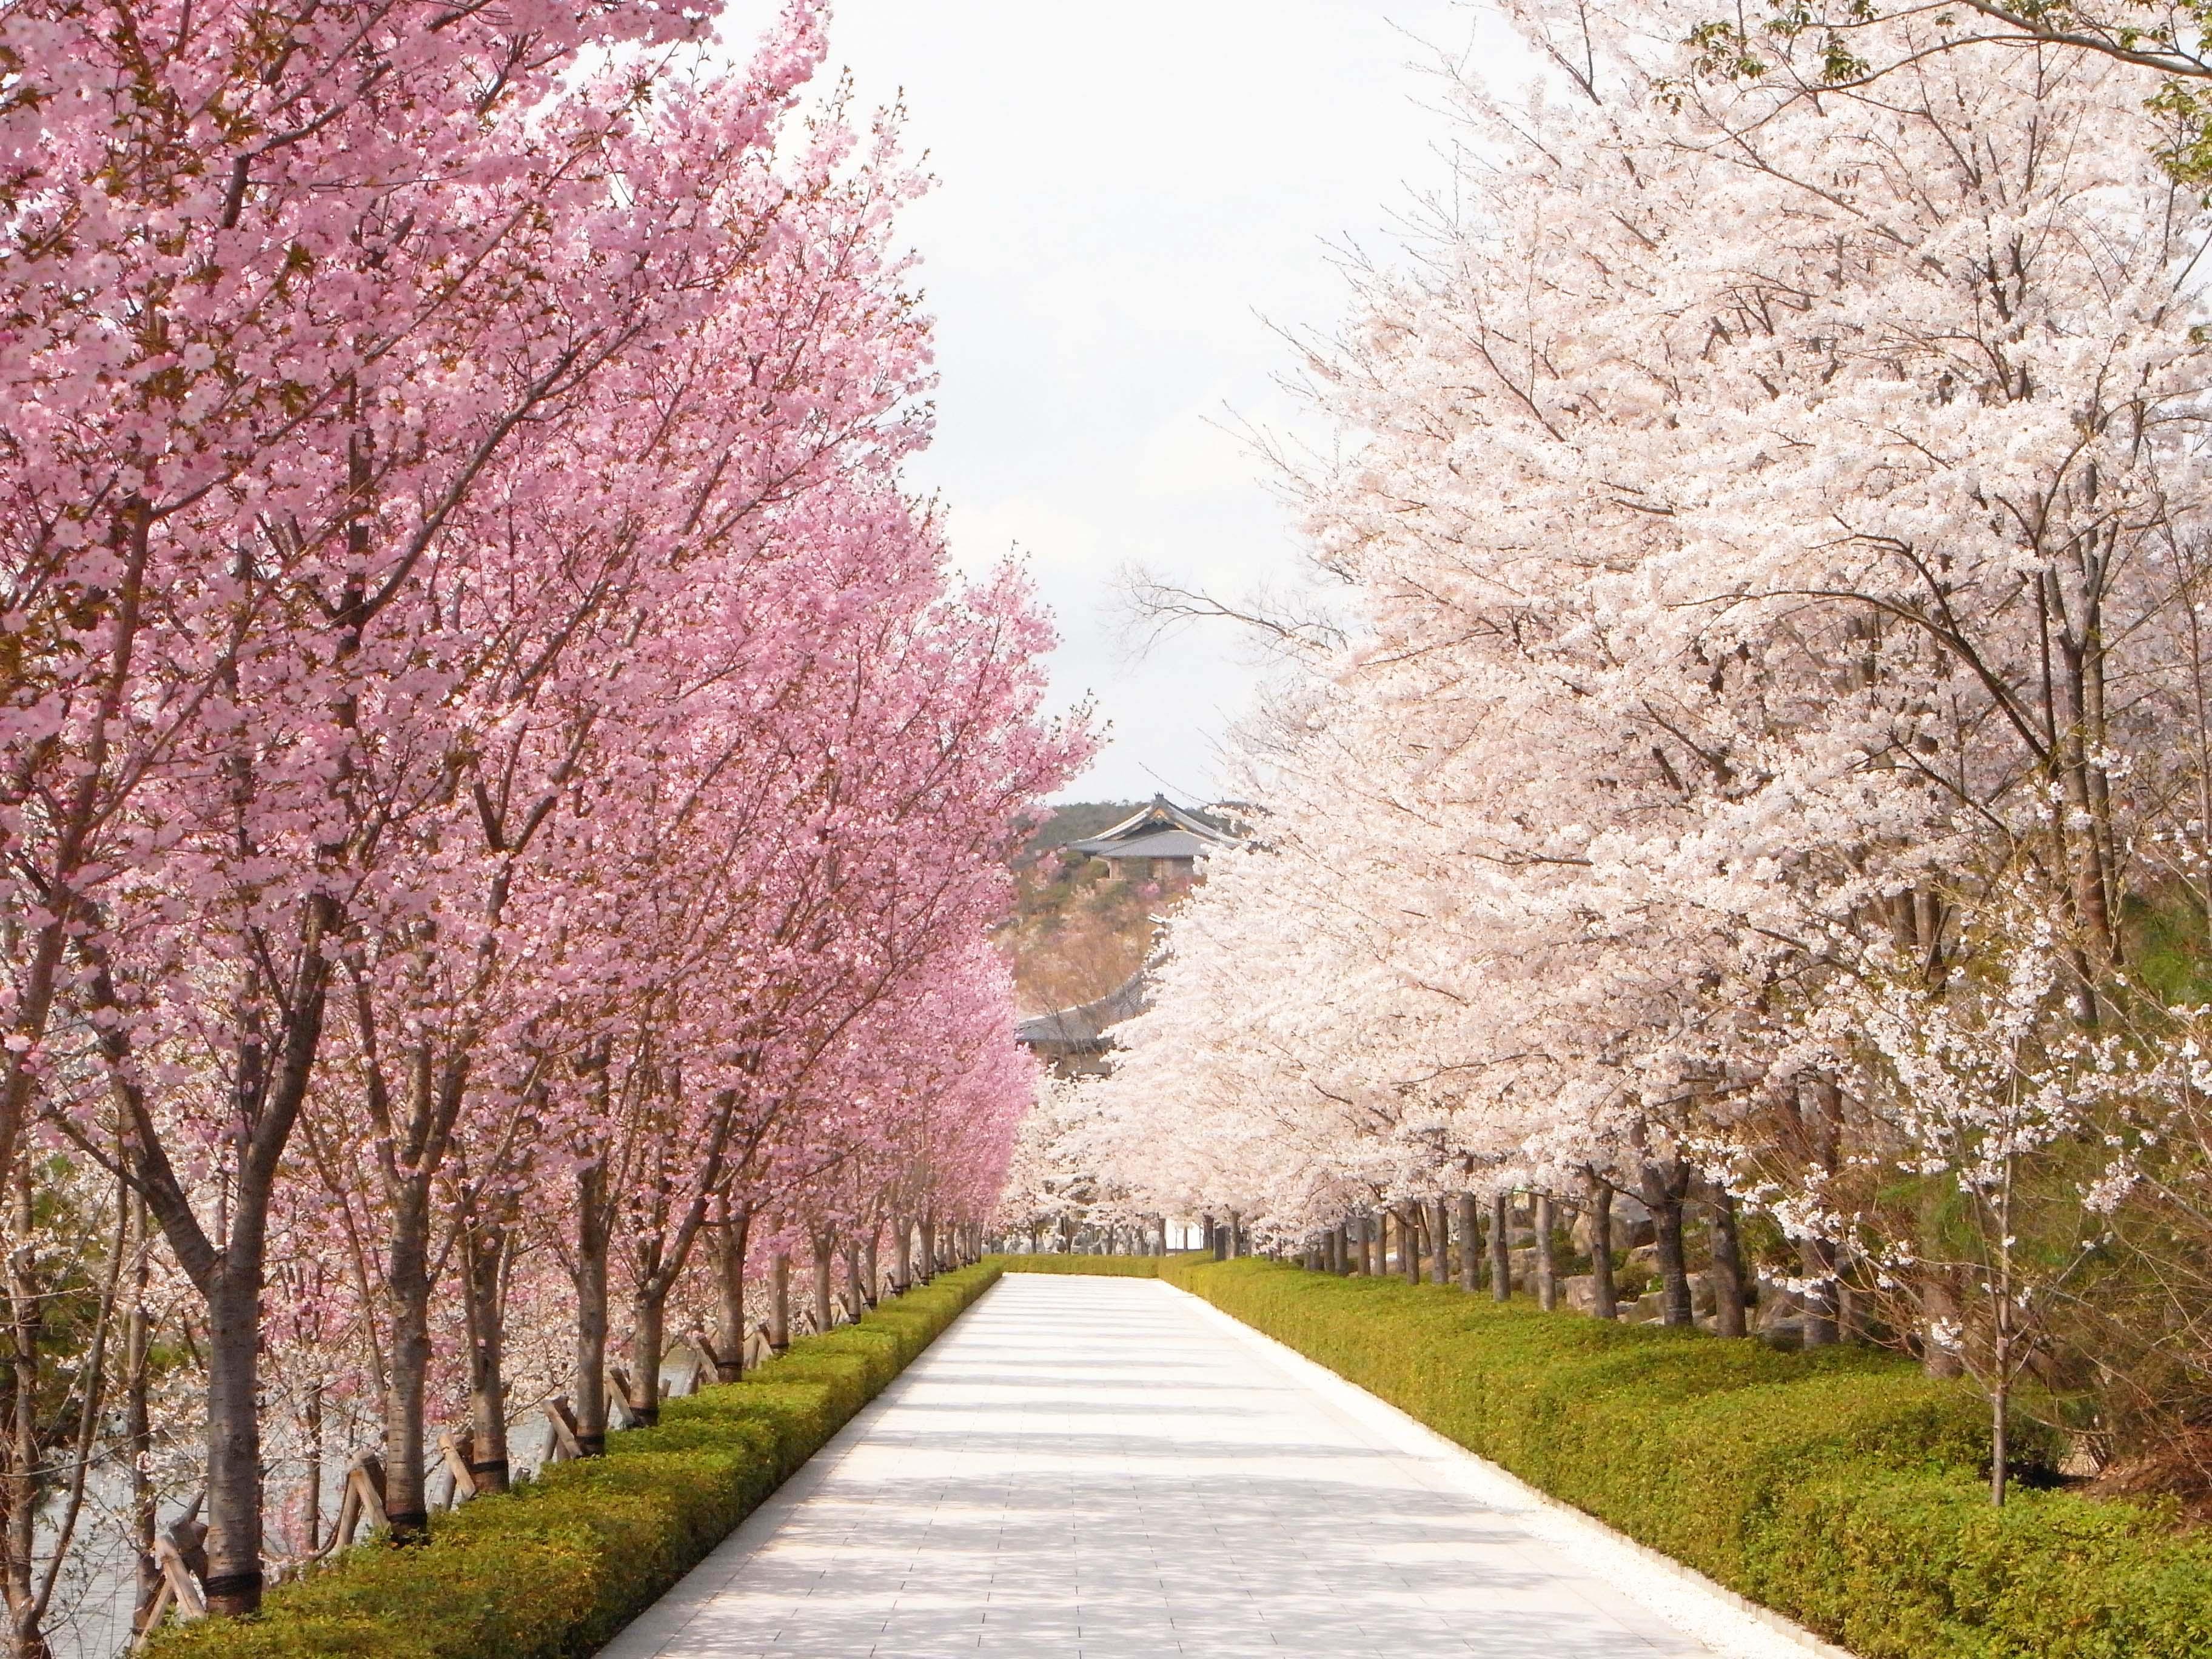 2016年4月(平成28年) 桜のシーズン!全国各大学・入学式日程まとめ